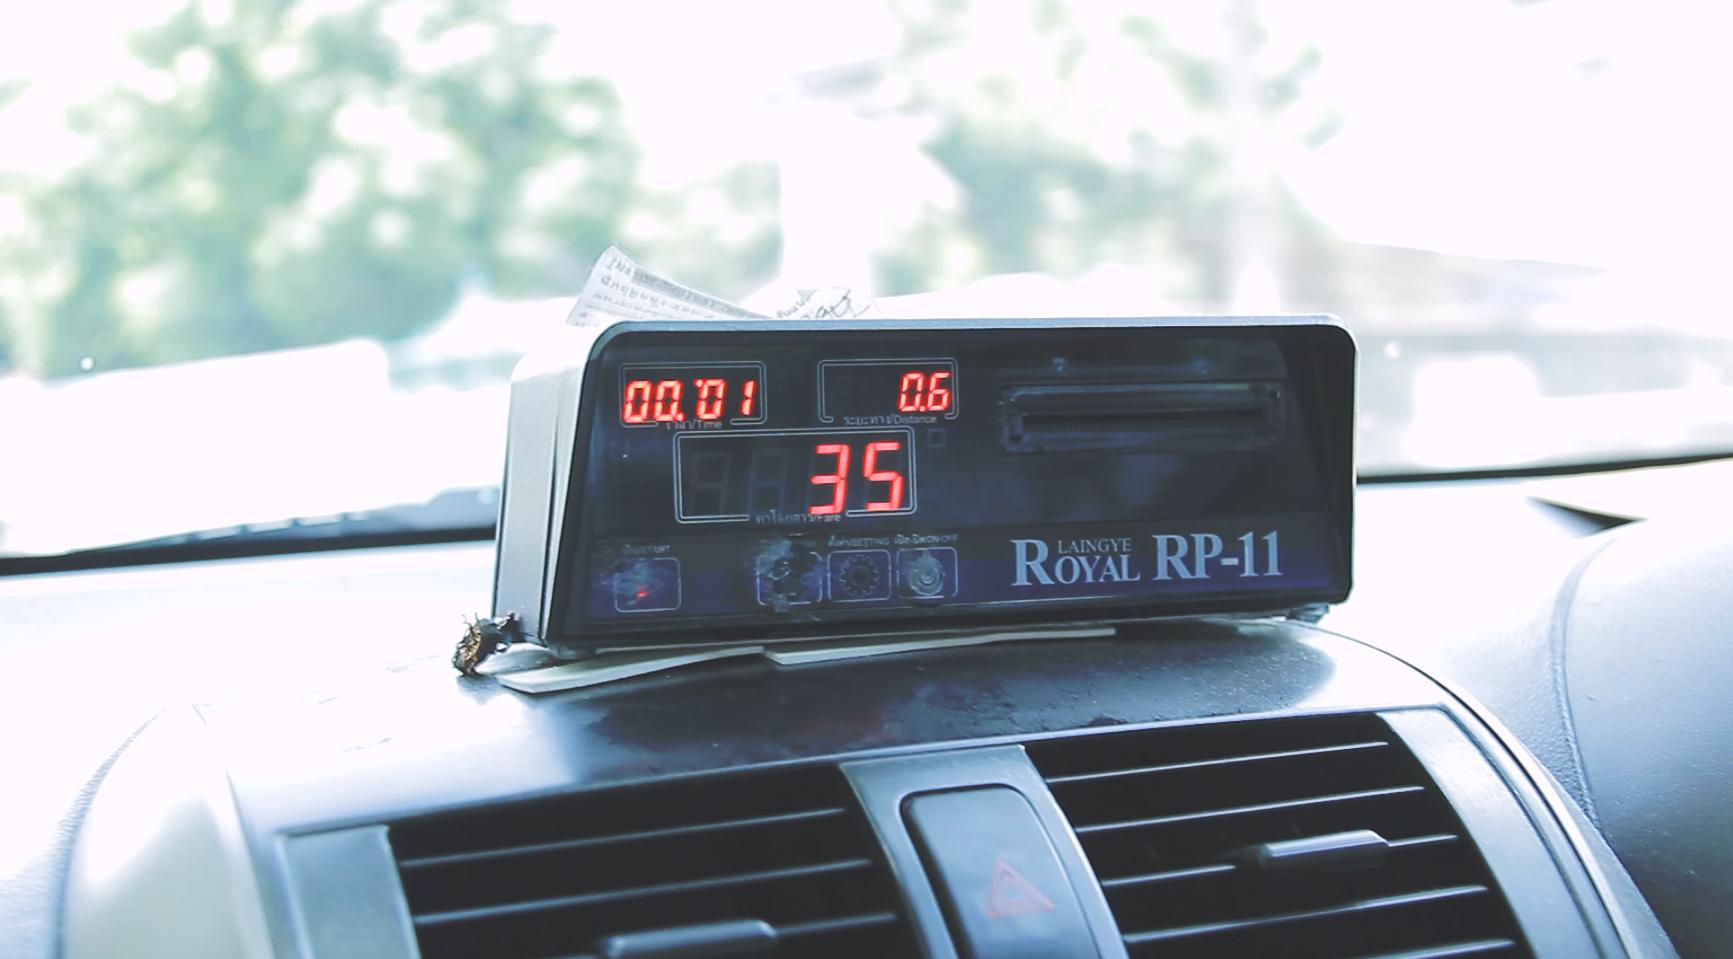 Siempre pidan que los taxistas usen el taxímetro. Así siempre les va a salir más barato.